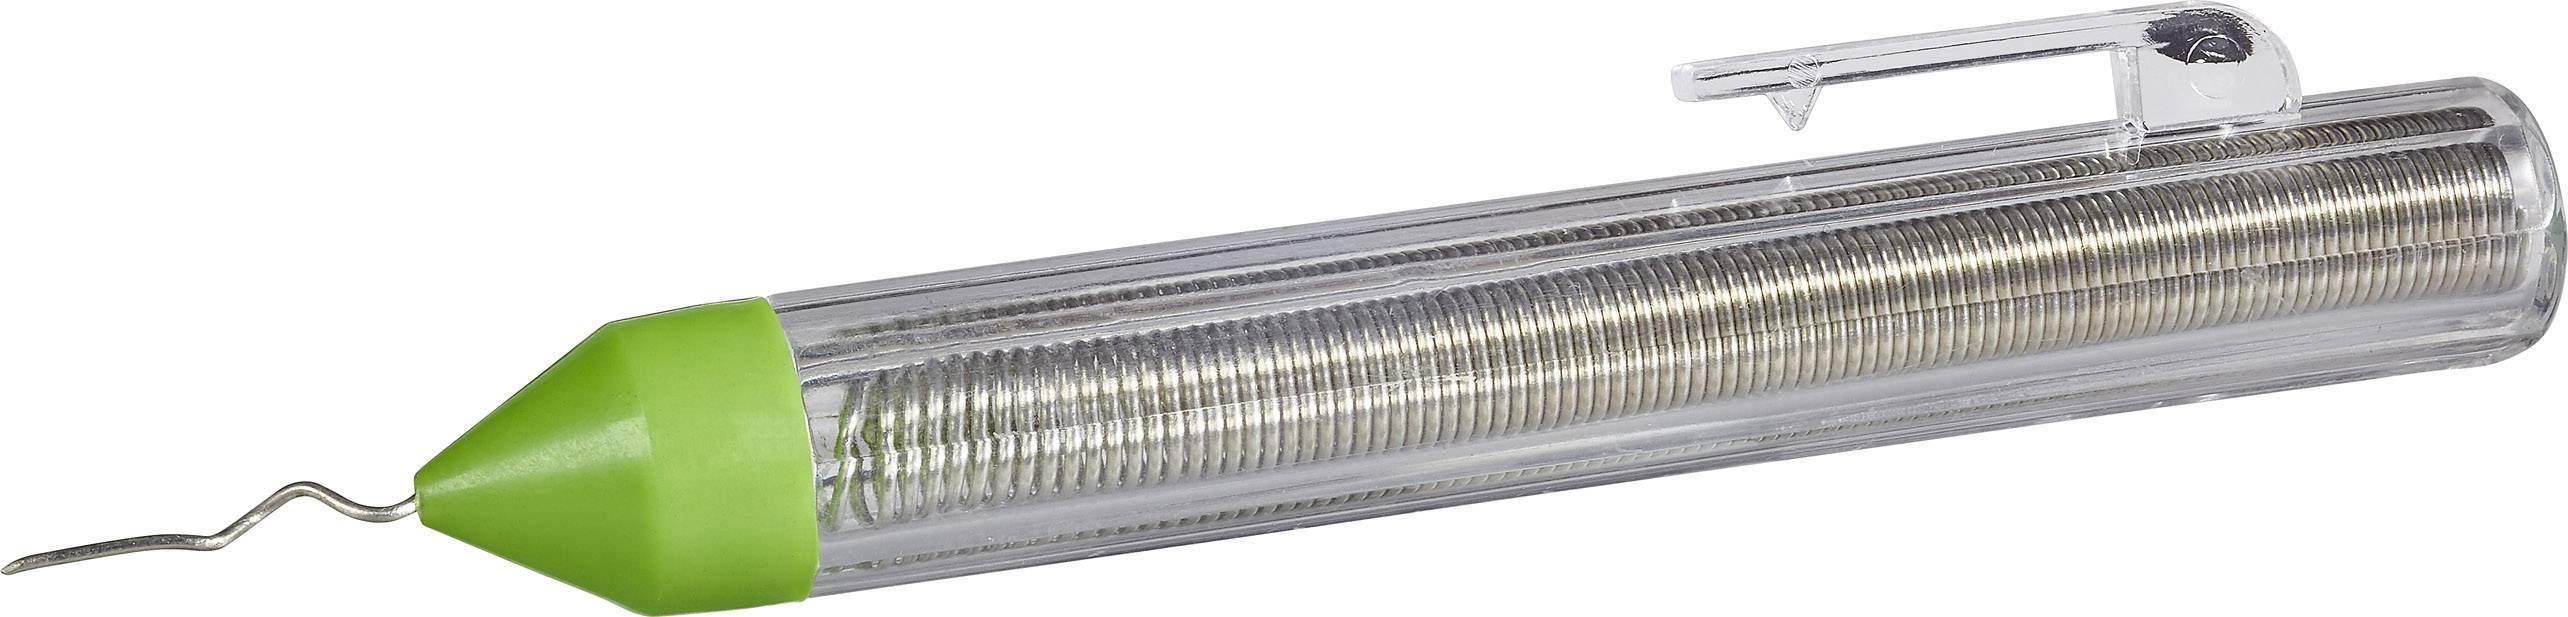 Bezolovnatý pájecí cín TOOLCRAFT SW-1, tužka, bez olova, 17 g